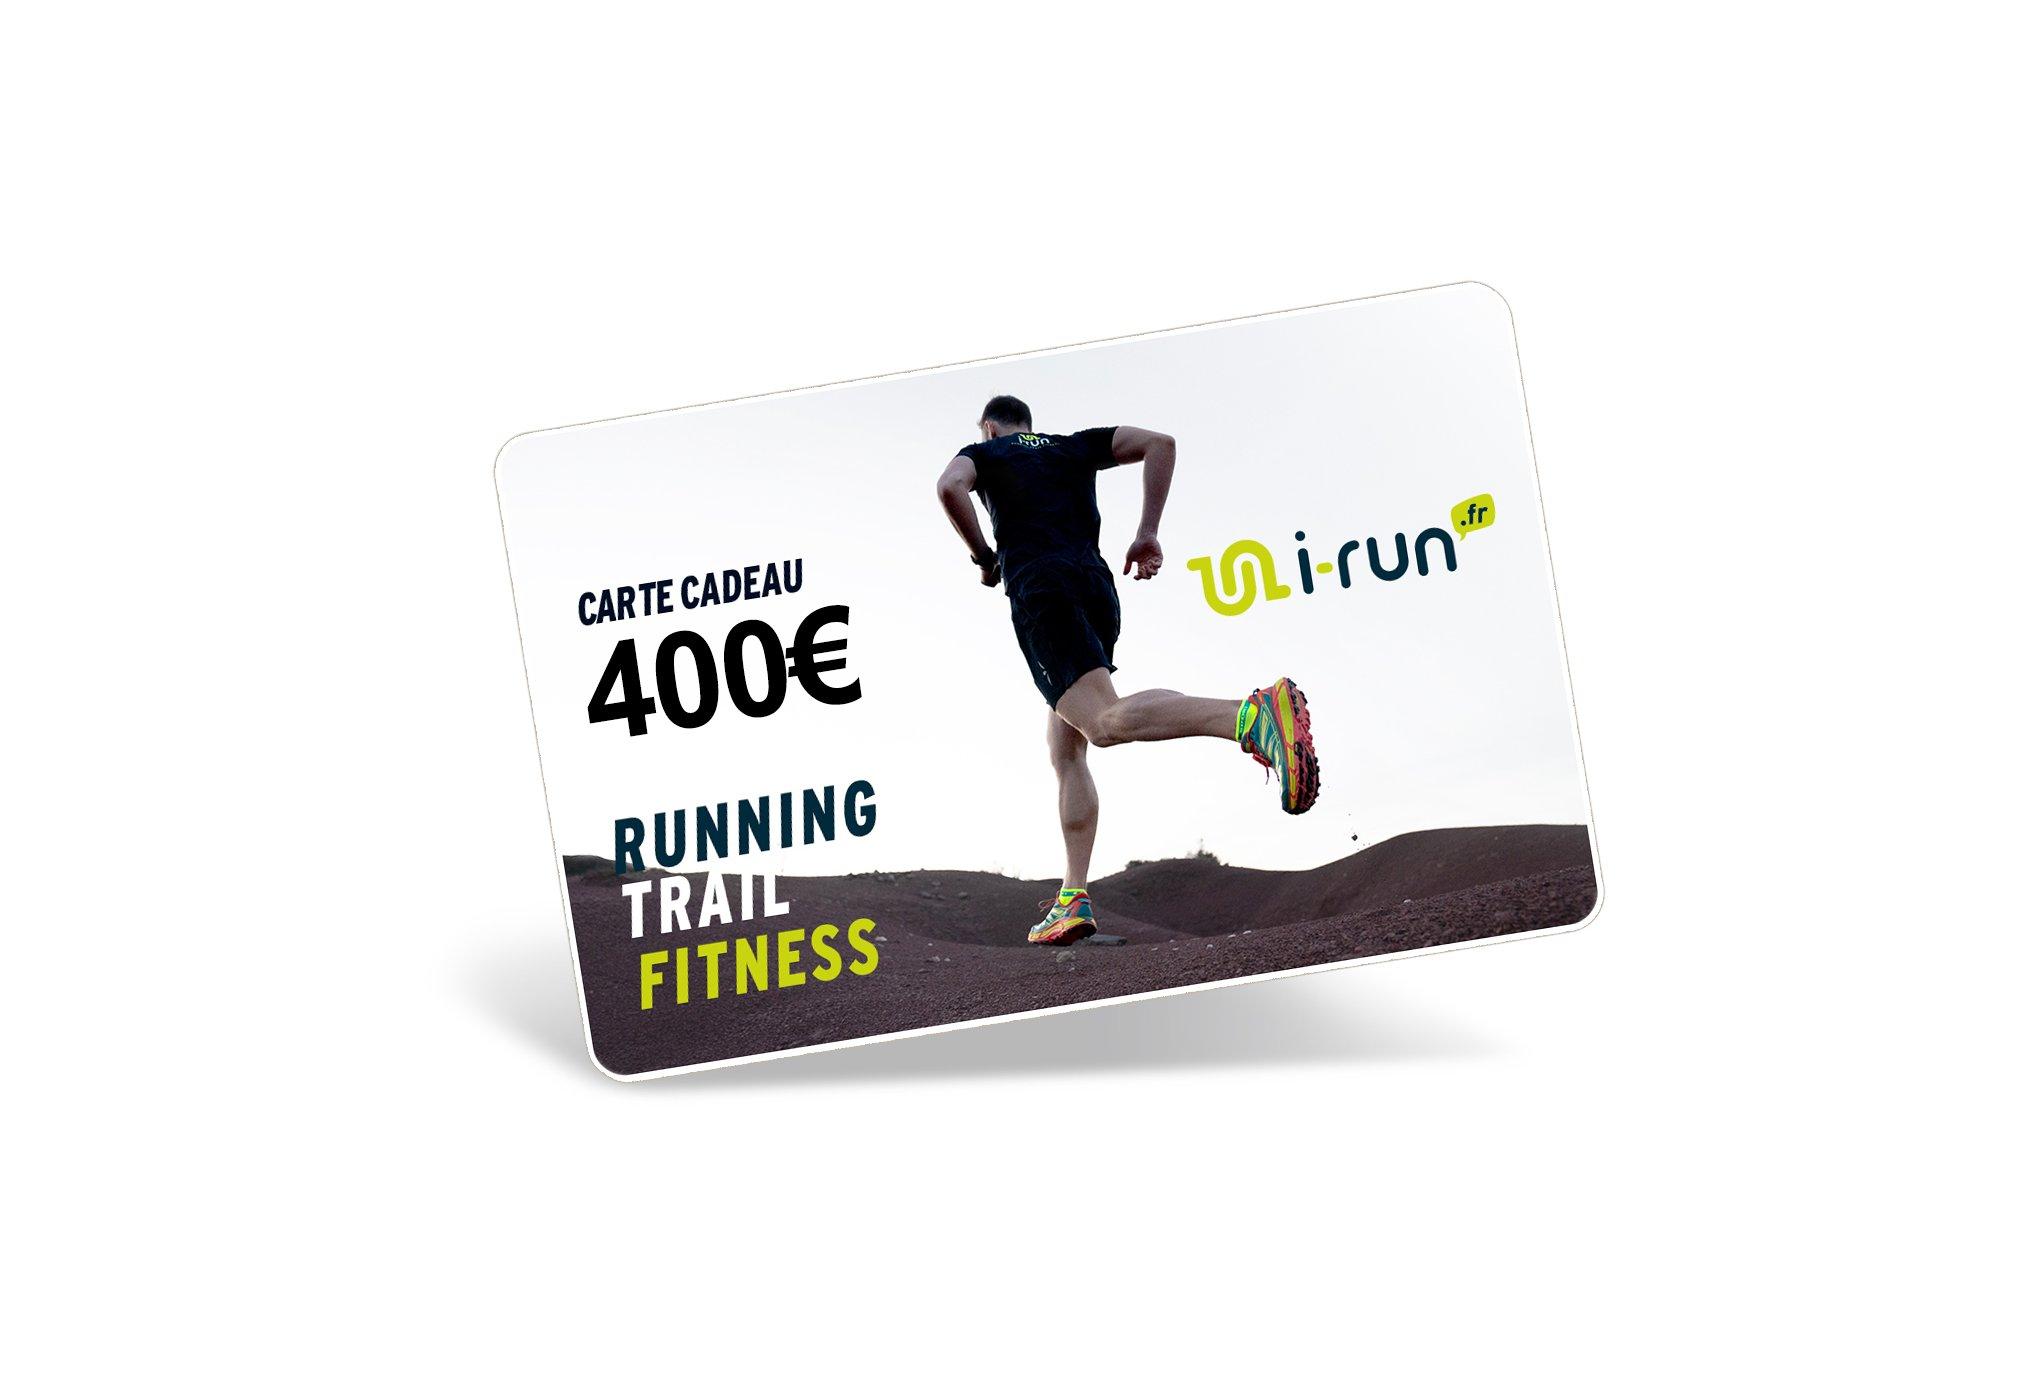 i-run.fr Carte Cadeau 400 M Cartes Cadeau